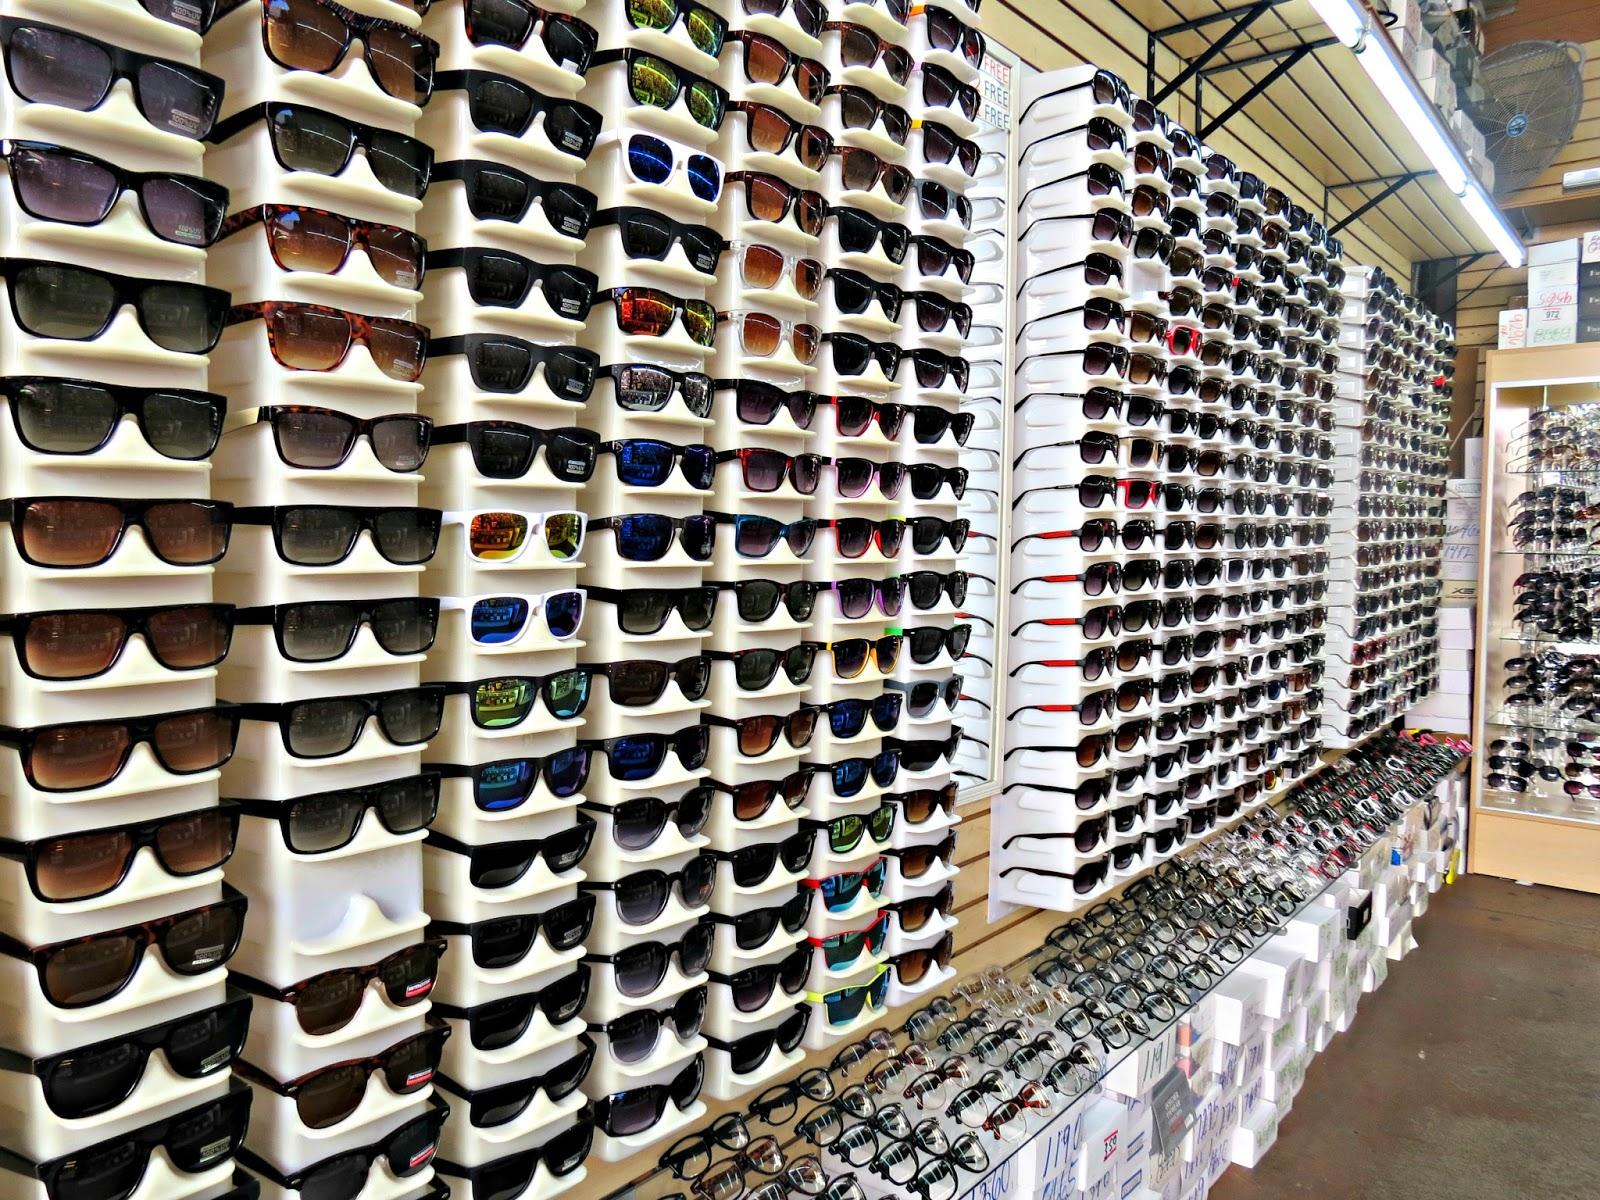 e852453649 Sunglasses Wholesale Market In Delhi « One More Soul